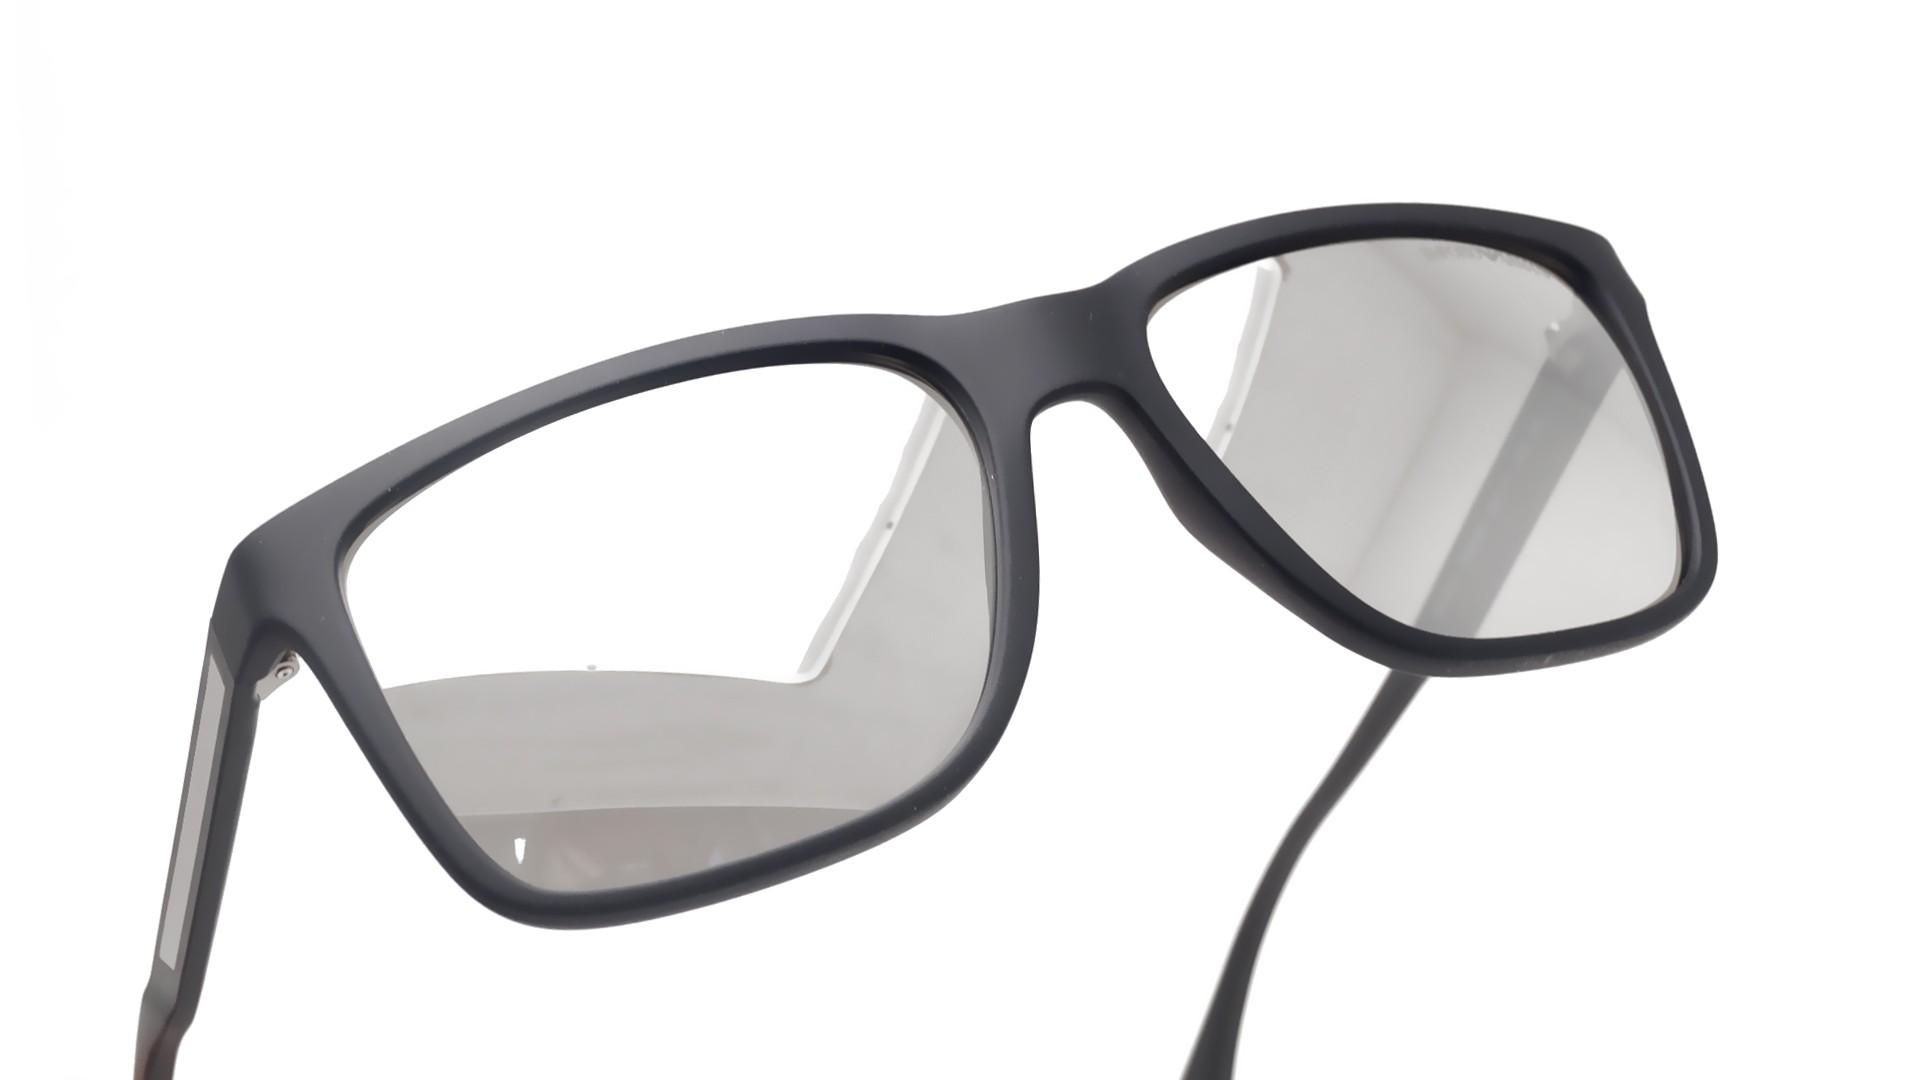 c3c23cc5fdd5 Sunglasses Emporio Armani EA4047 535431 56-17 Green Matte Large Mirror